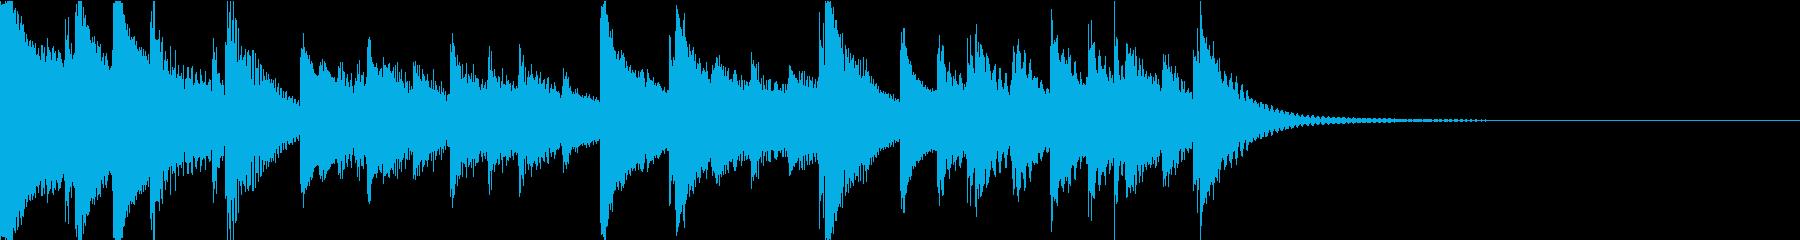 打楽器によるほのぼの系ジングルの再生済みの波形